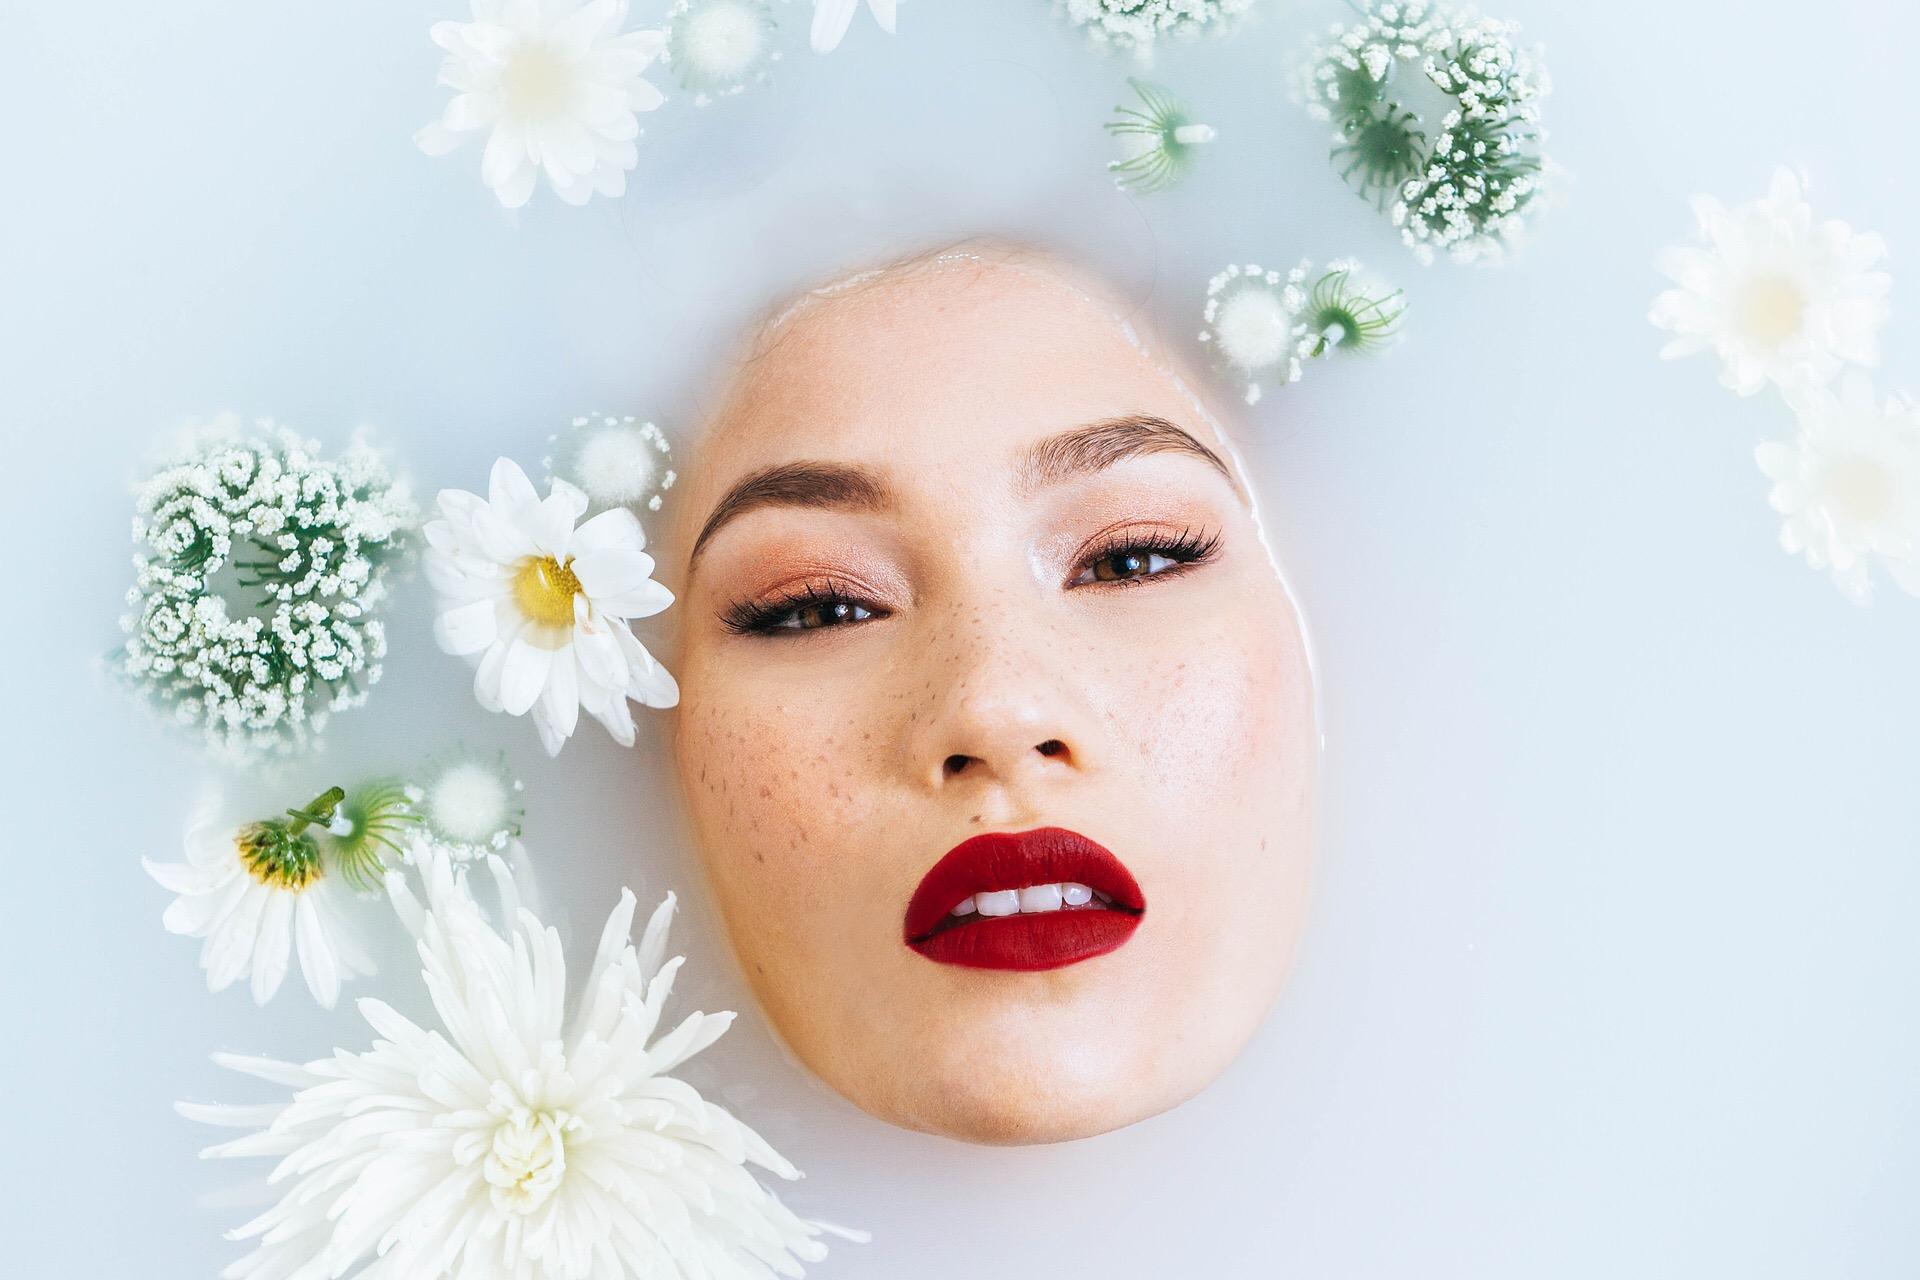 Consejos básicos de cómo mejorar la piel del rostro